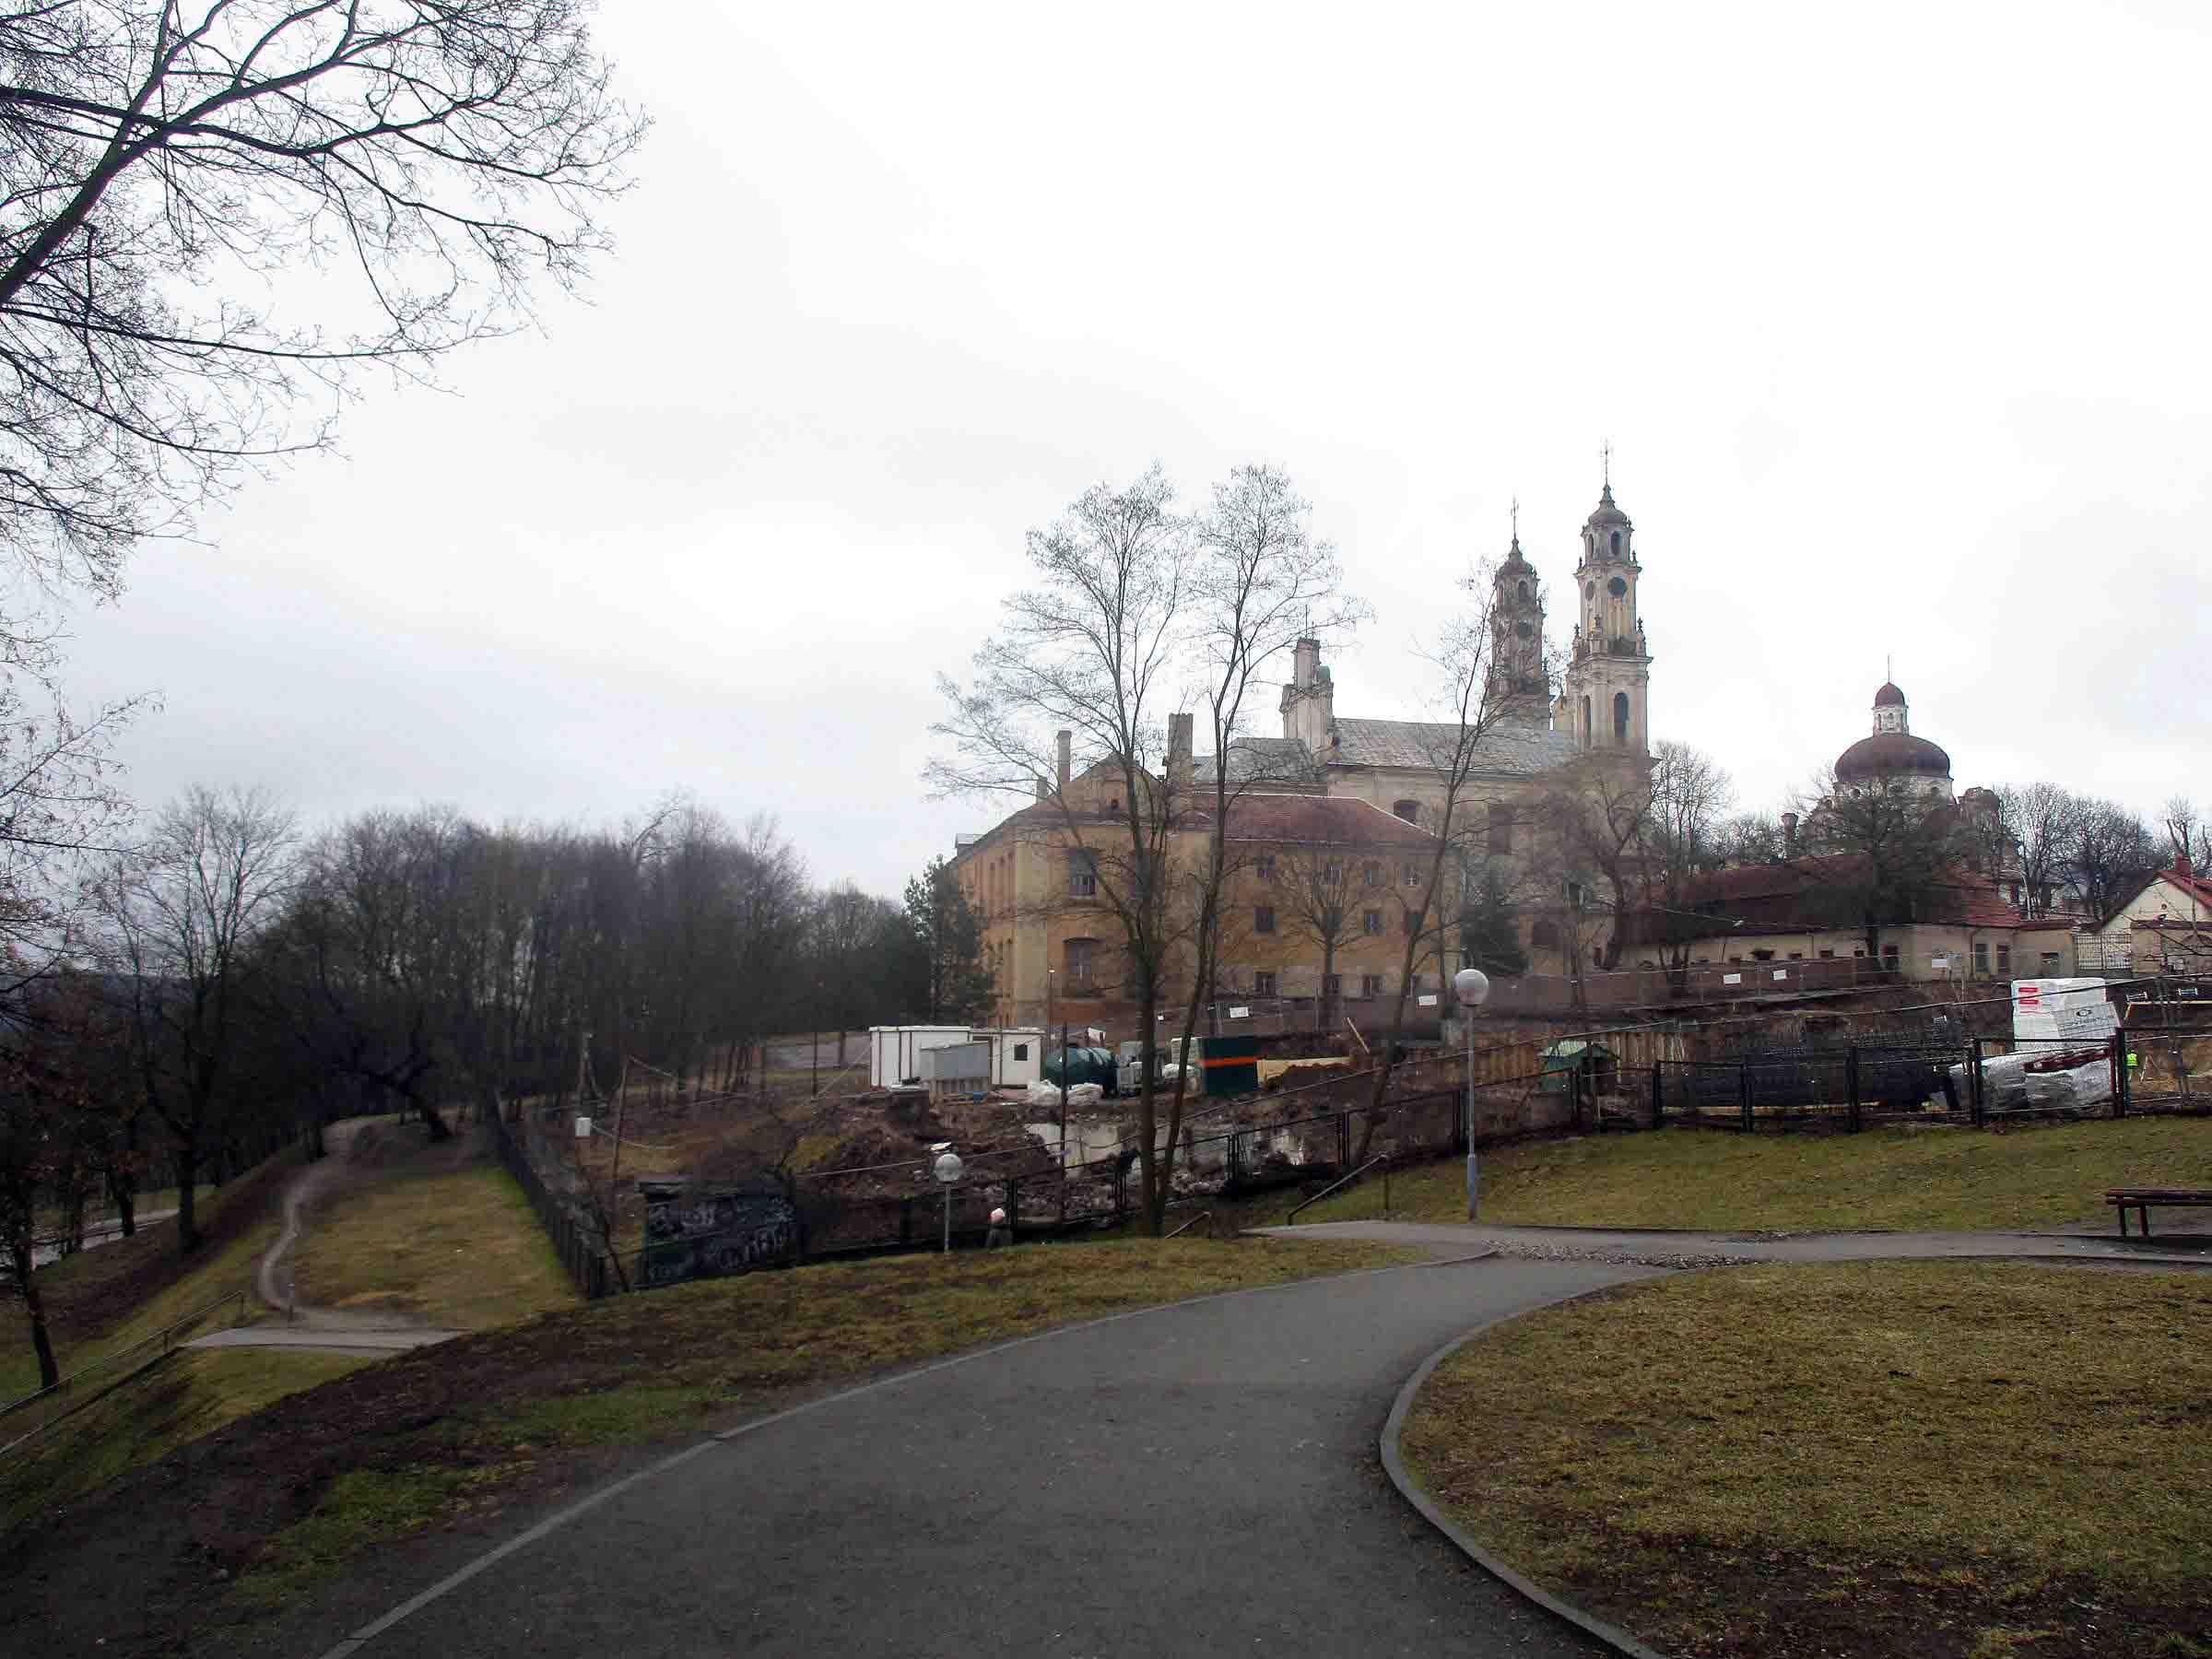 Vilniaus misionierių vienuolynas ir Viešpaties Dangun Žengimo bažnyčia | VKPK, G. Oržikausko nuotr.